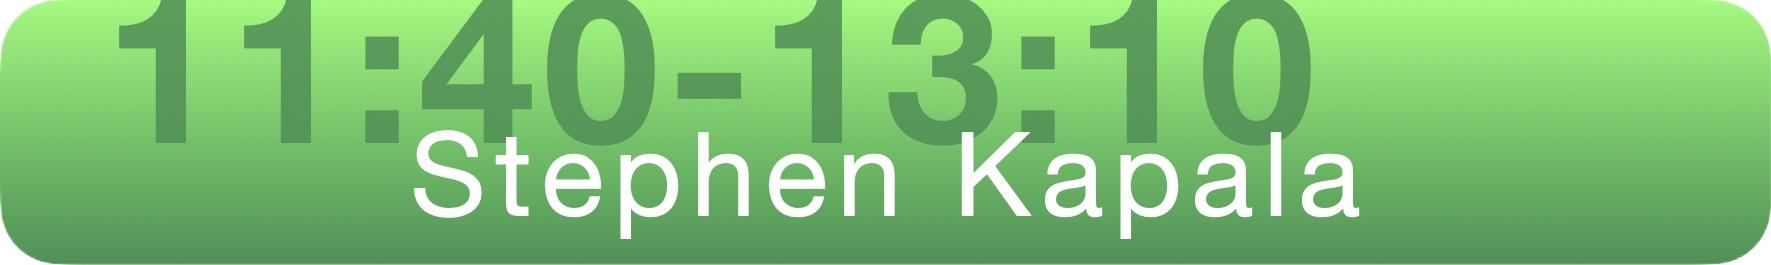 aa-stephen-kapala-1140